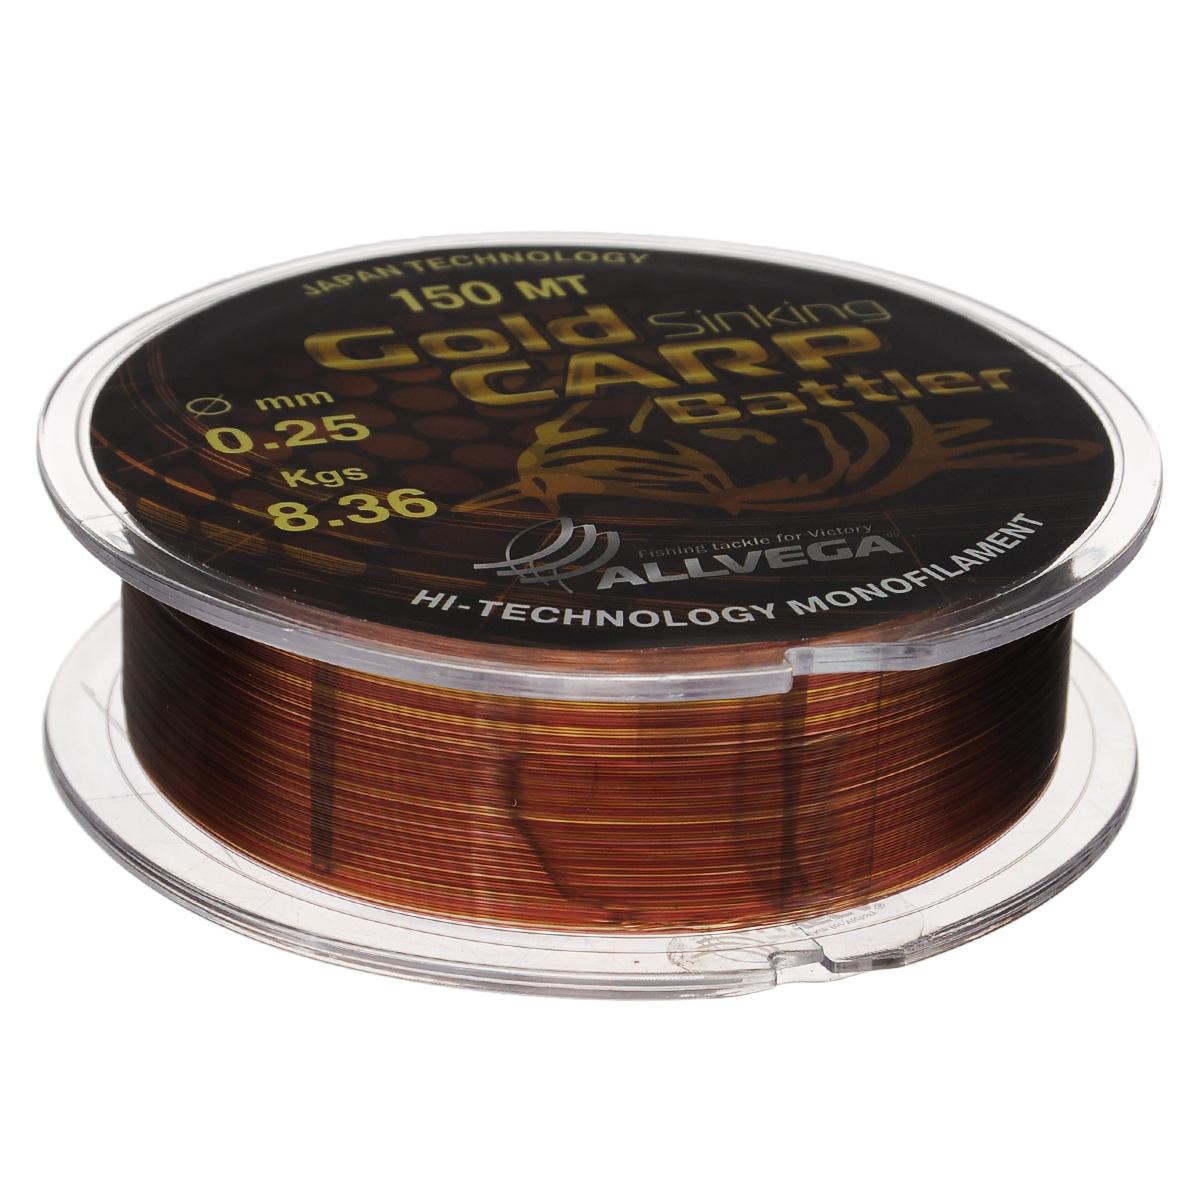 Леска Allvega Gold Karp Battler, цвет: коричневый, 150 м, 0,25 мм, 8,36 кг